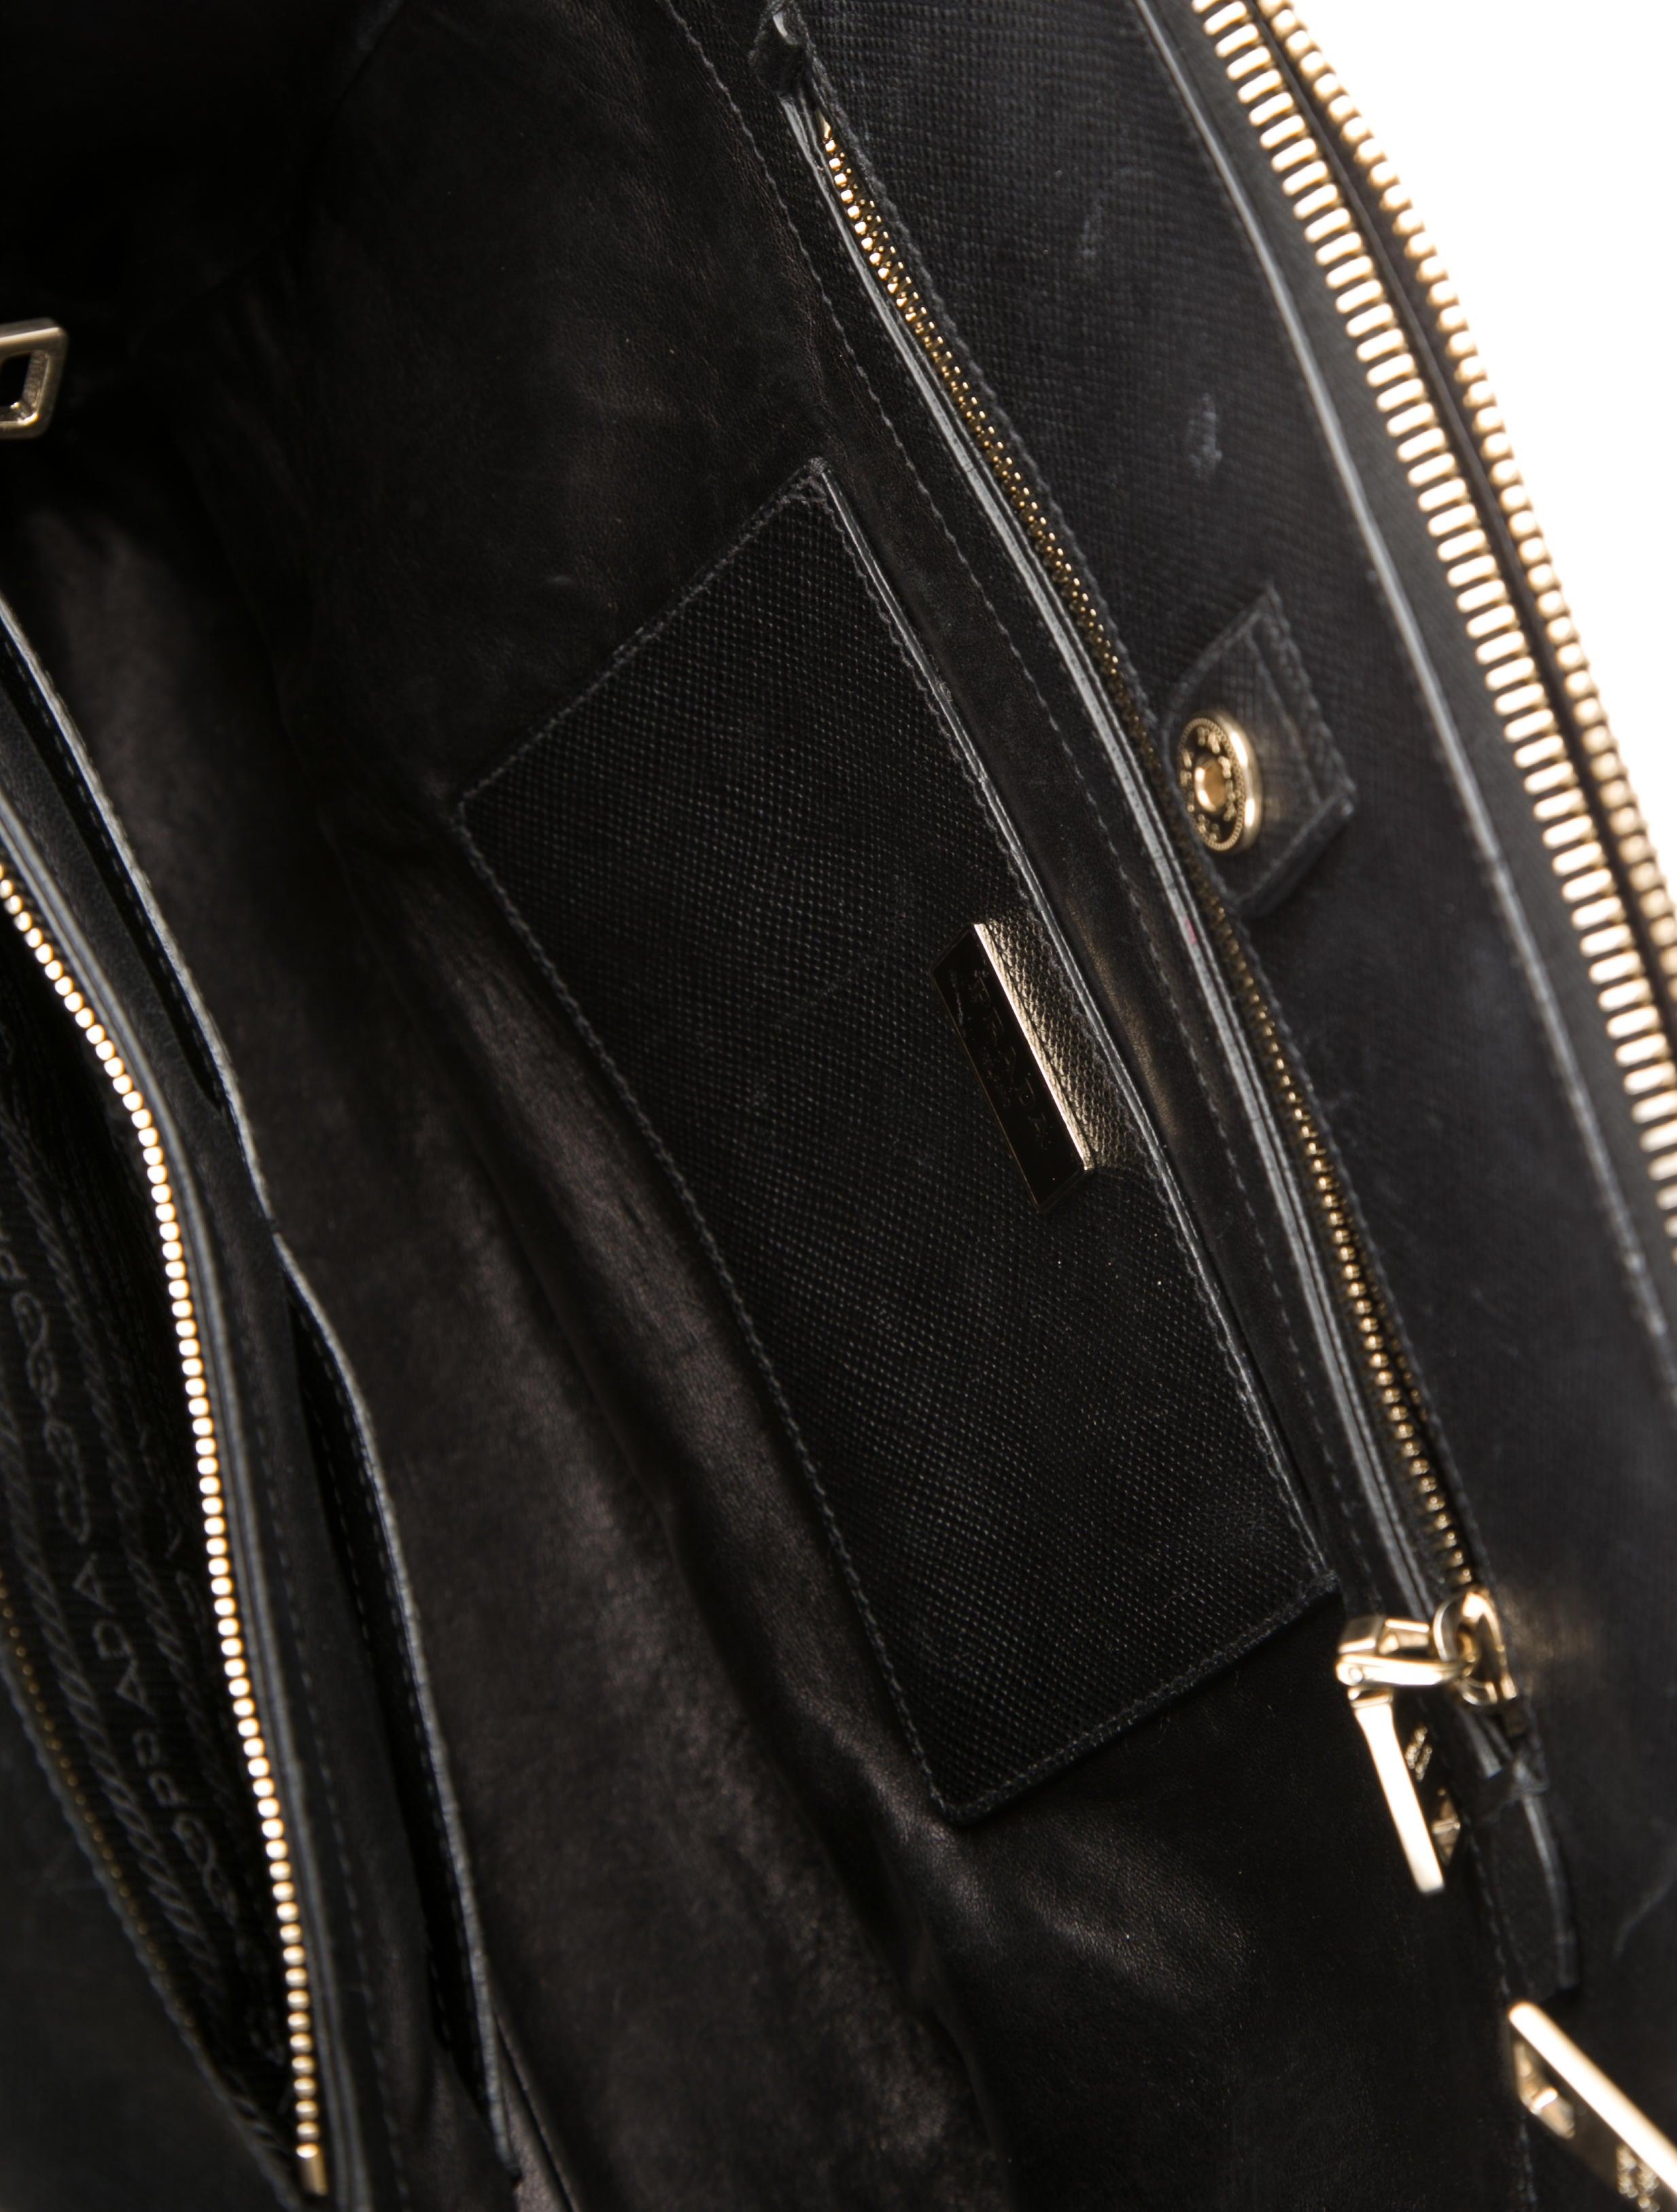 Prada Saffiano Cuir Large Double-Zip Tote - Handbags - PRA83543 ...